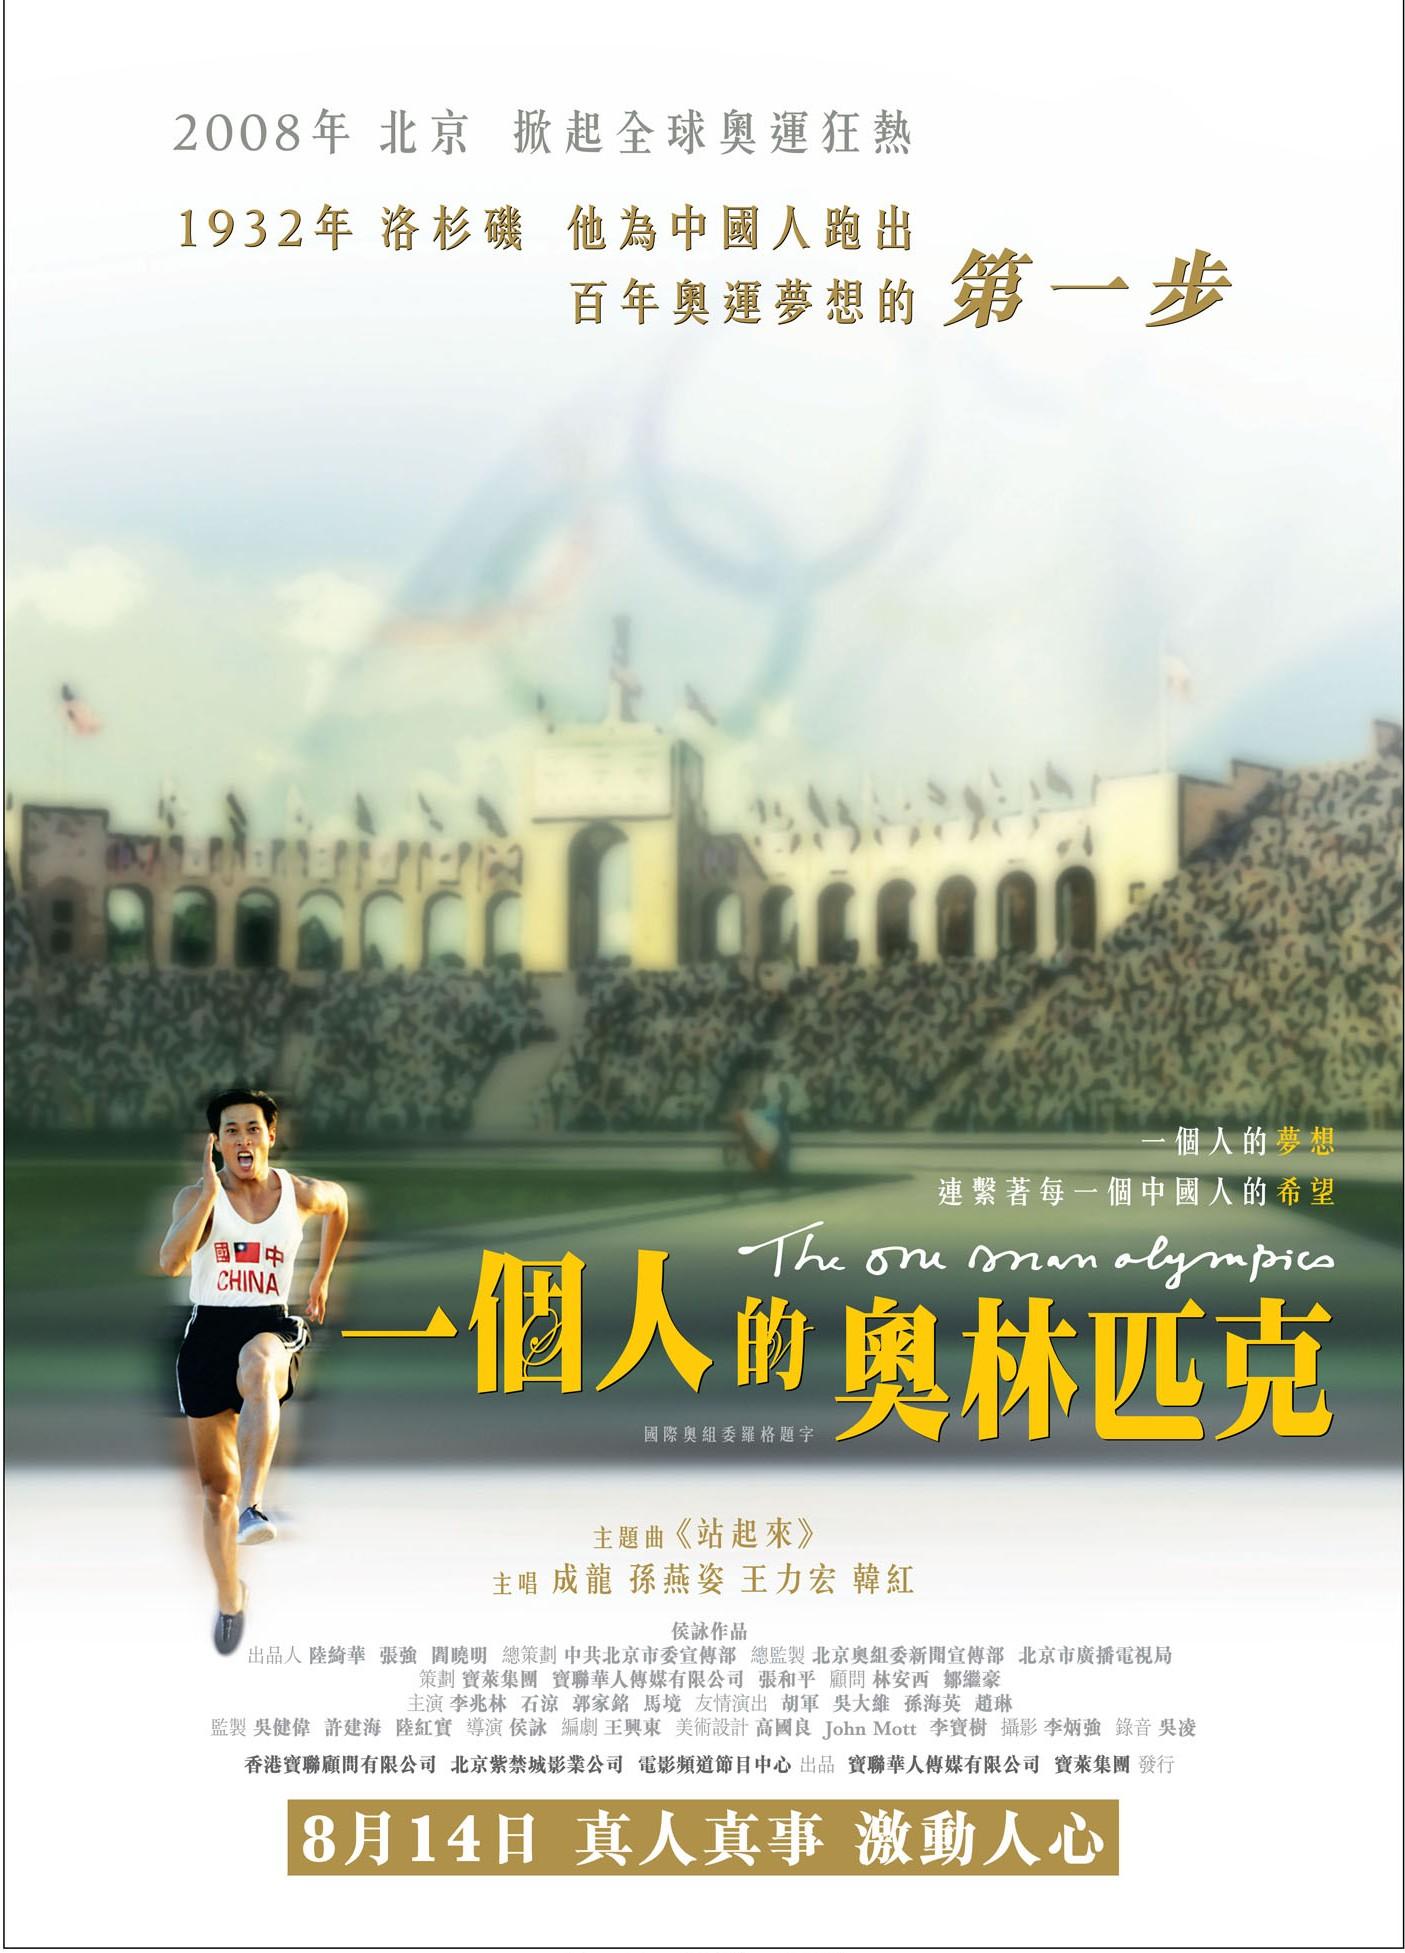 一個人的奧林匹克